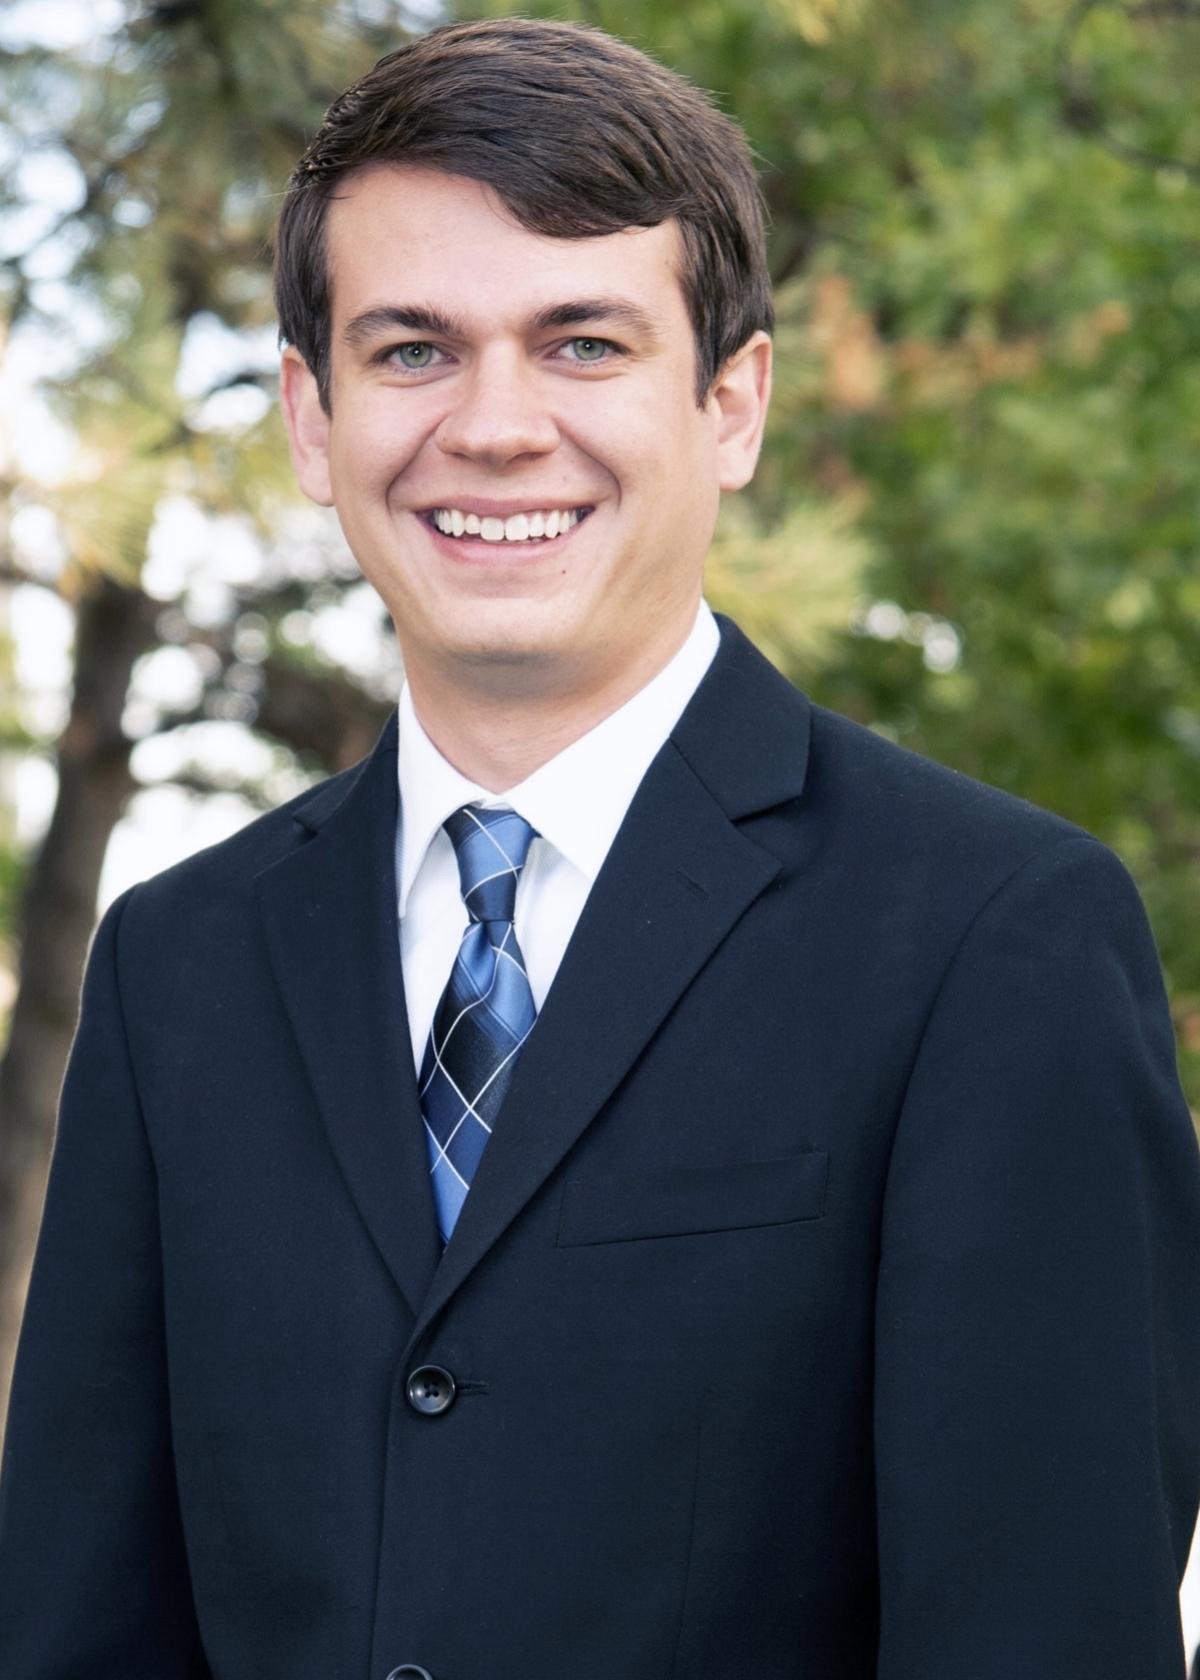 Aaron Gooden